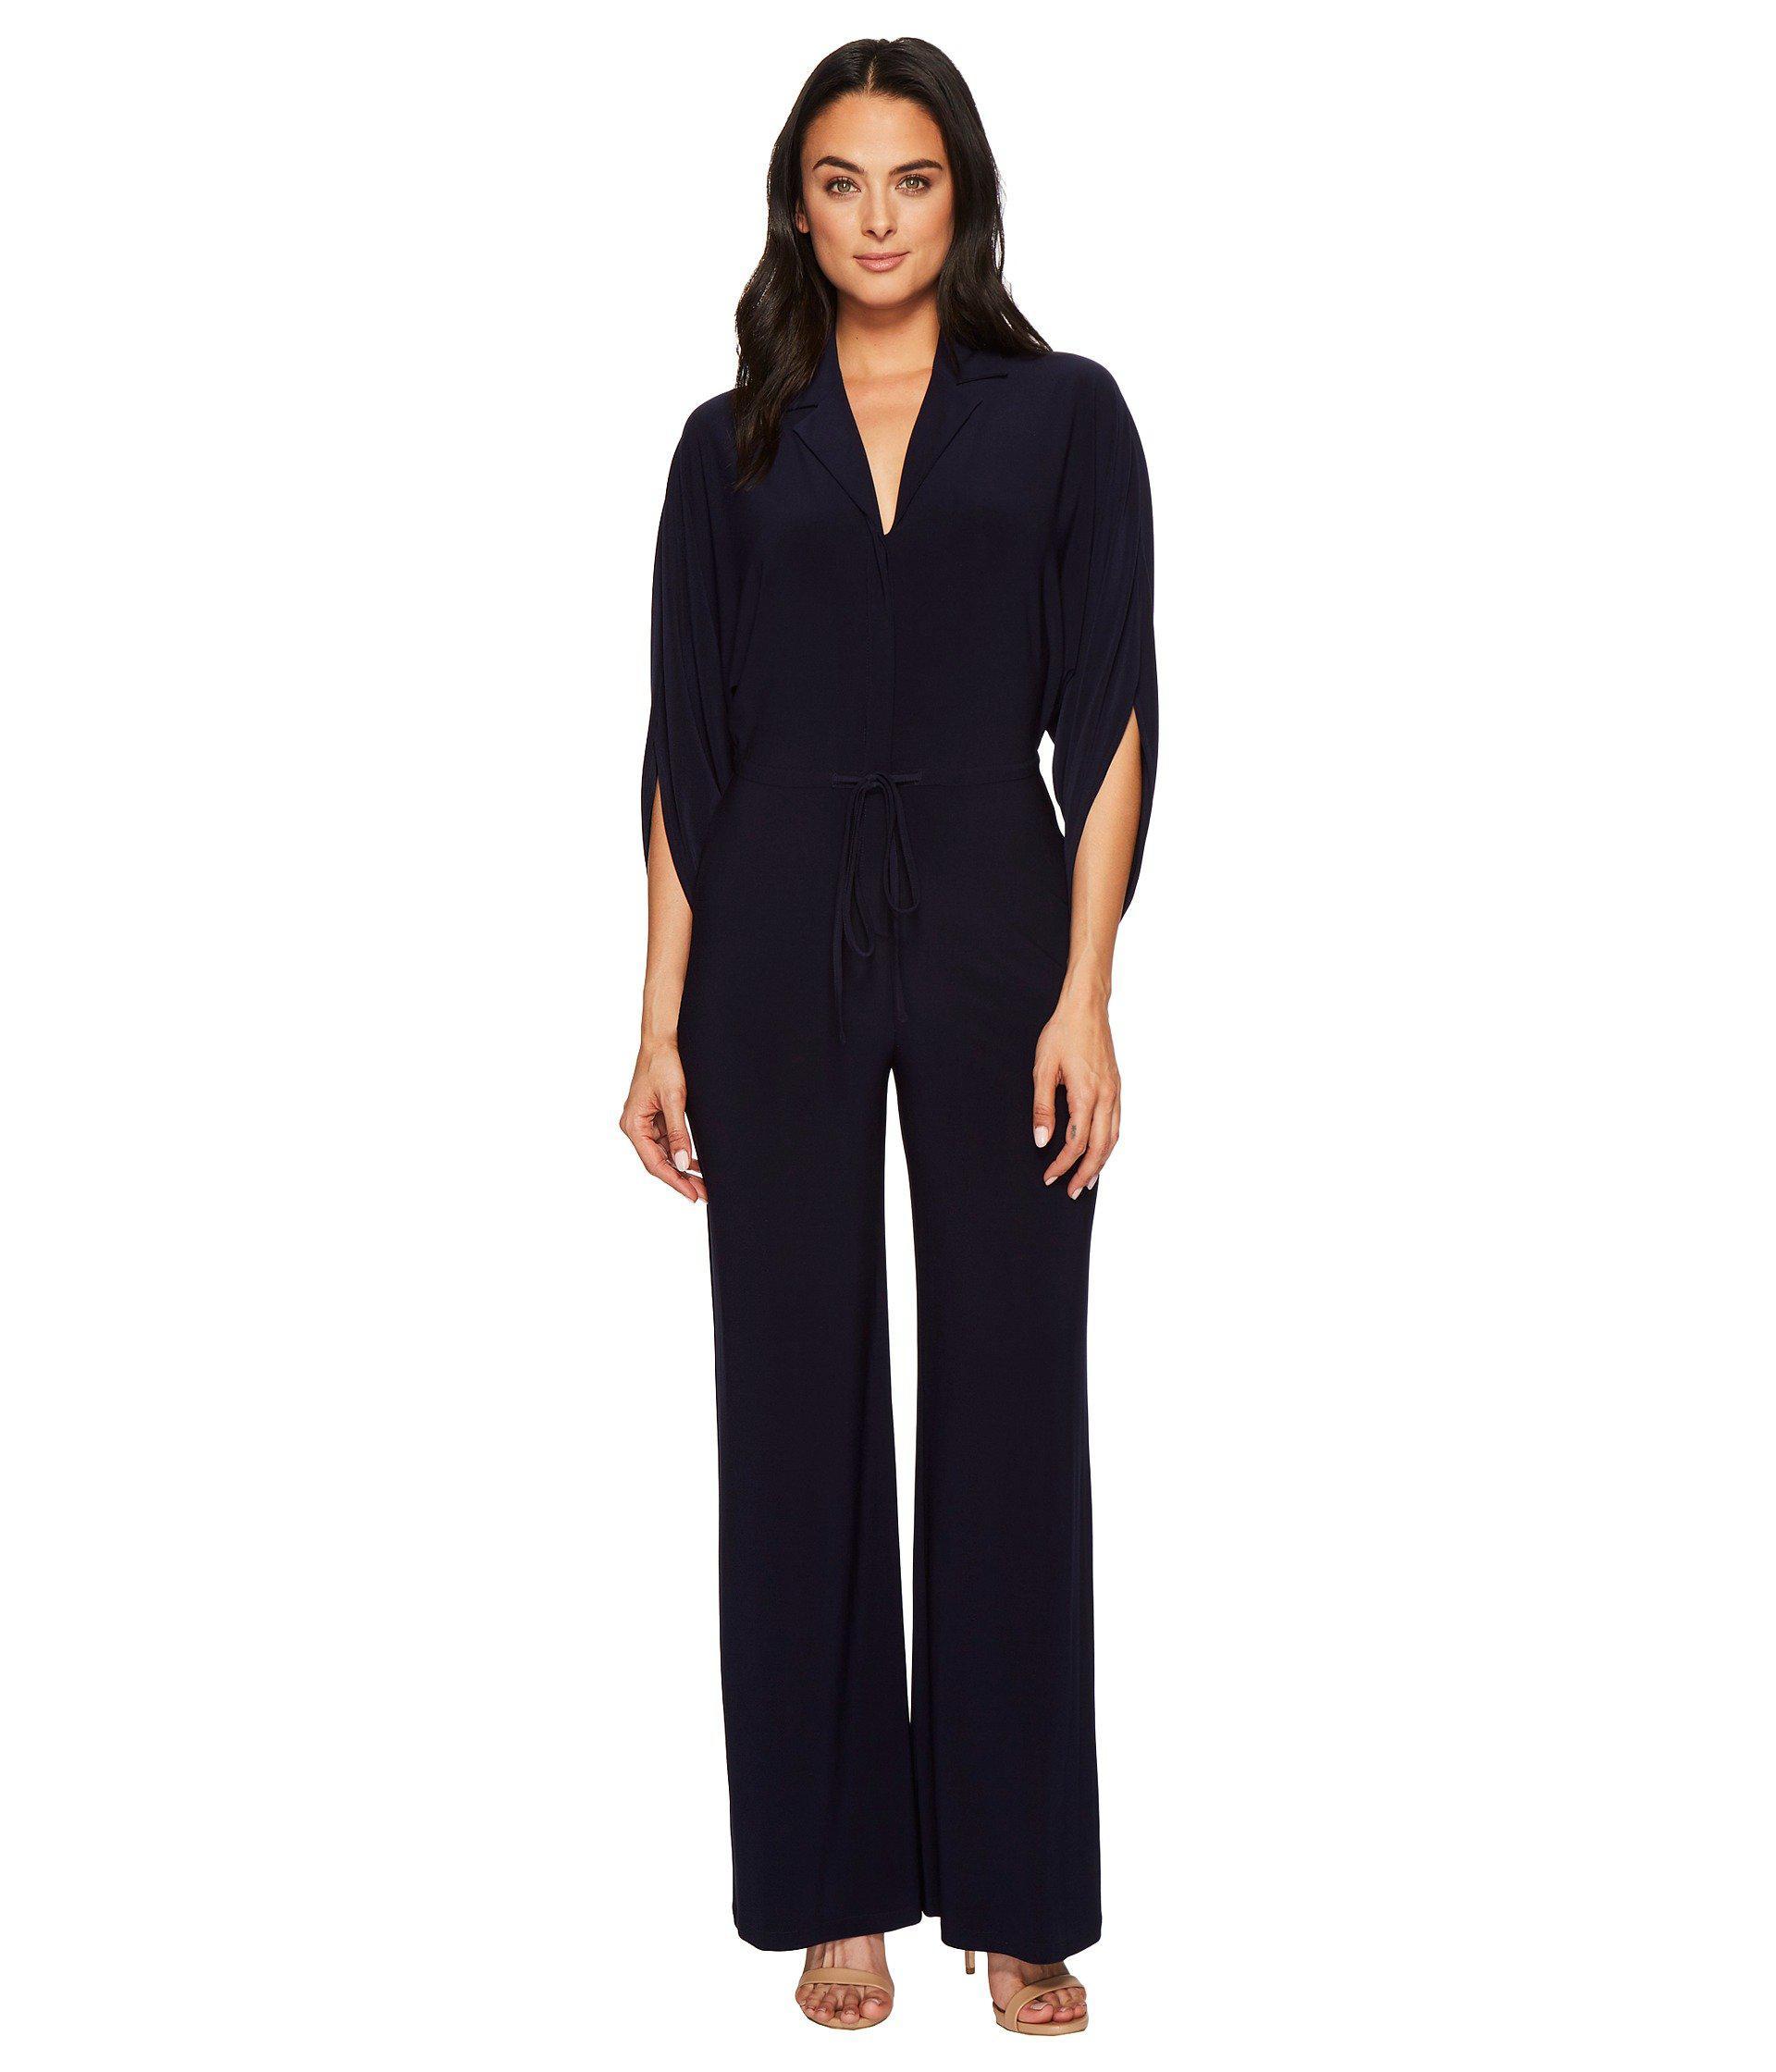 0dbaa56db02 Lyst - Lauren by Ralph Lauren Nathaniel Matte Jersey Jumpsuit ...